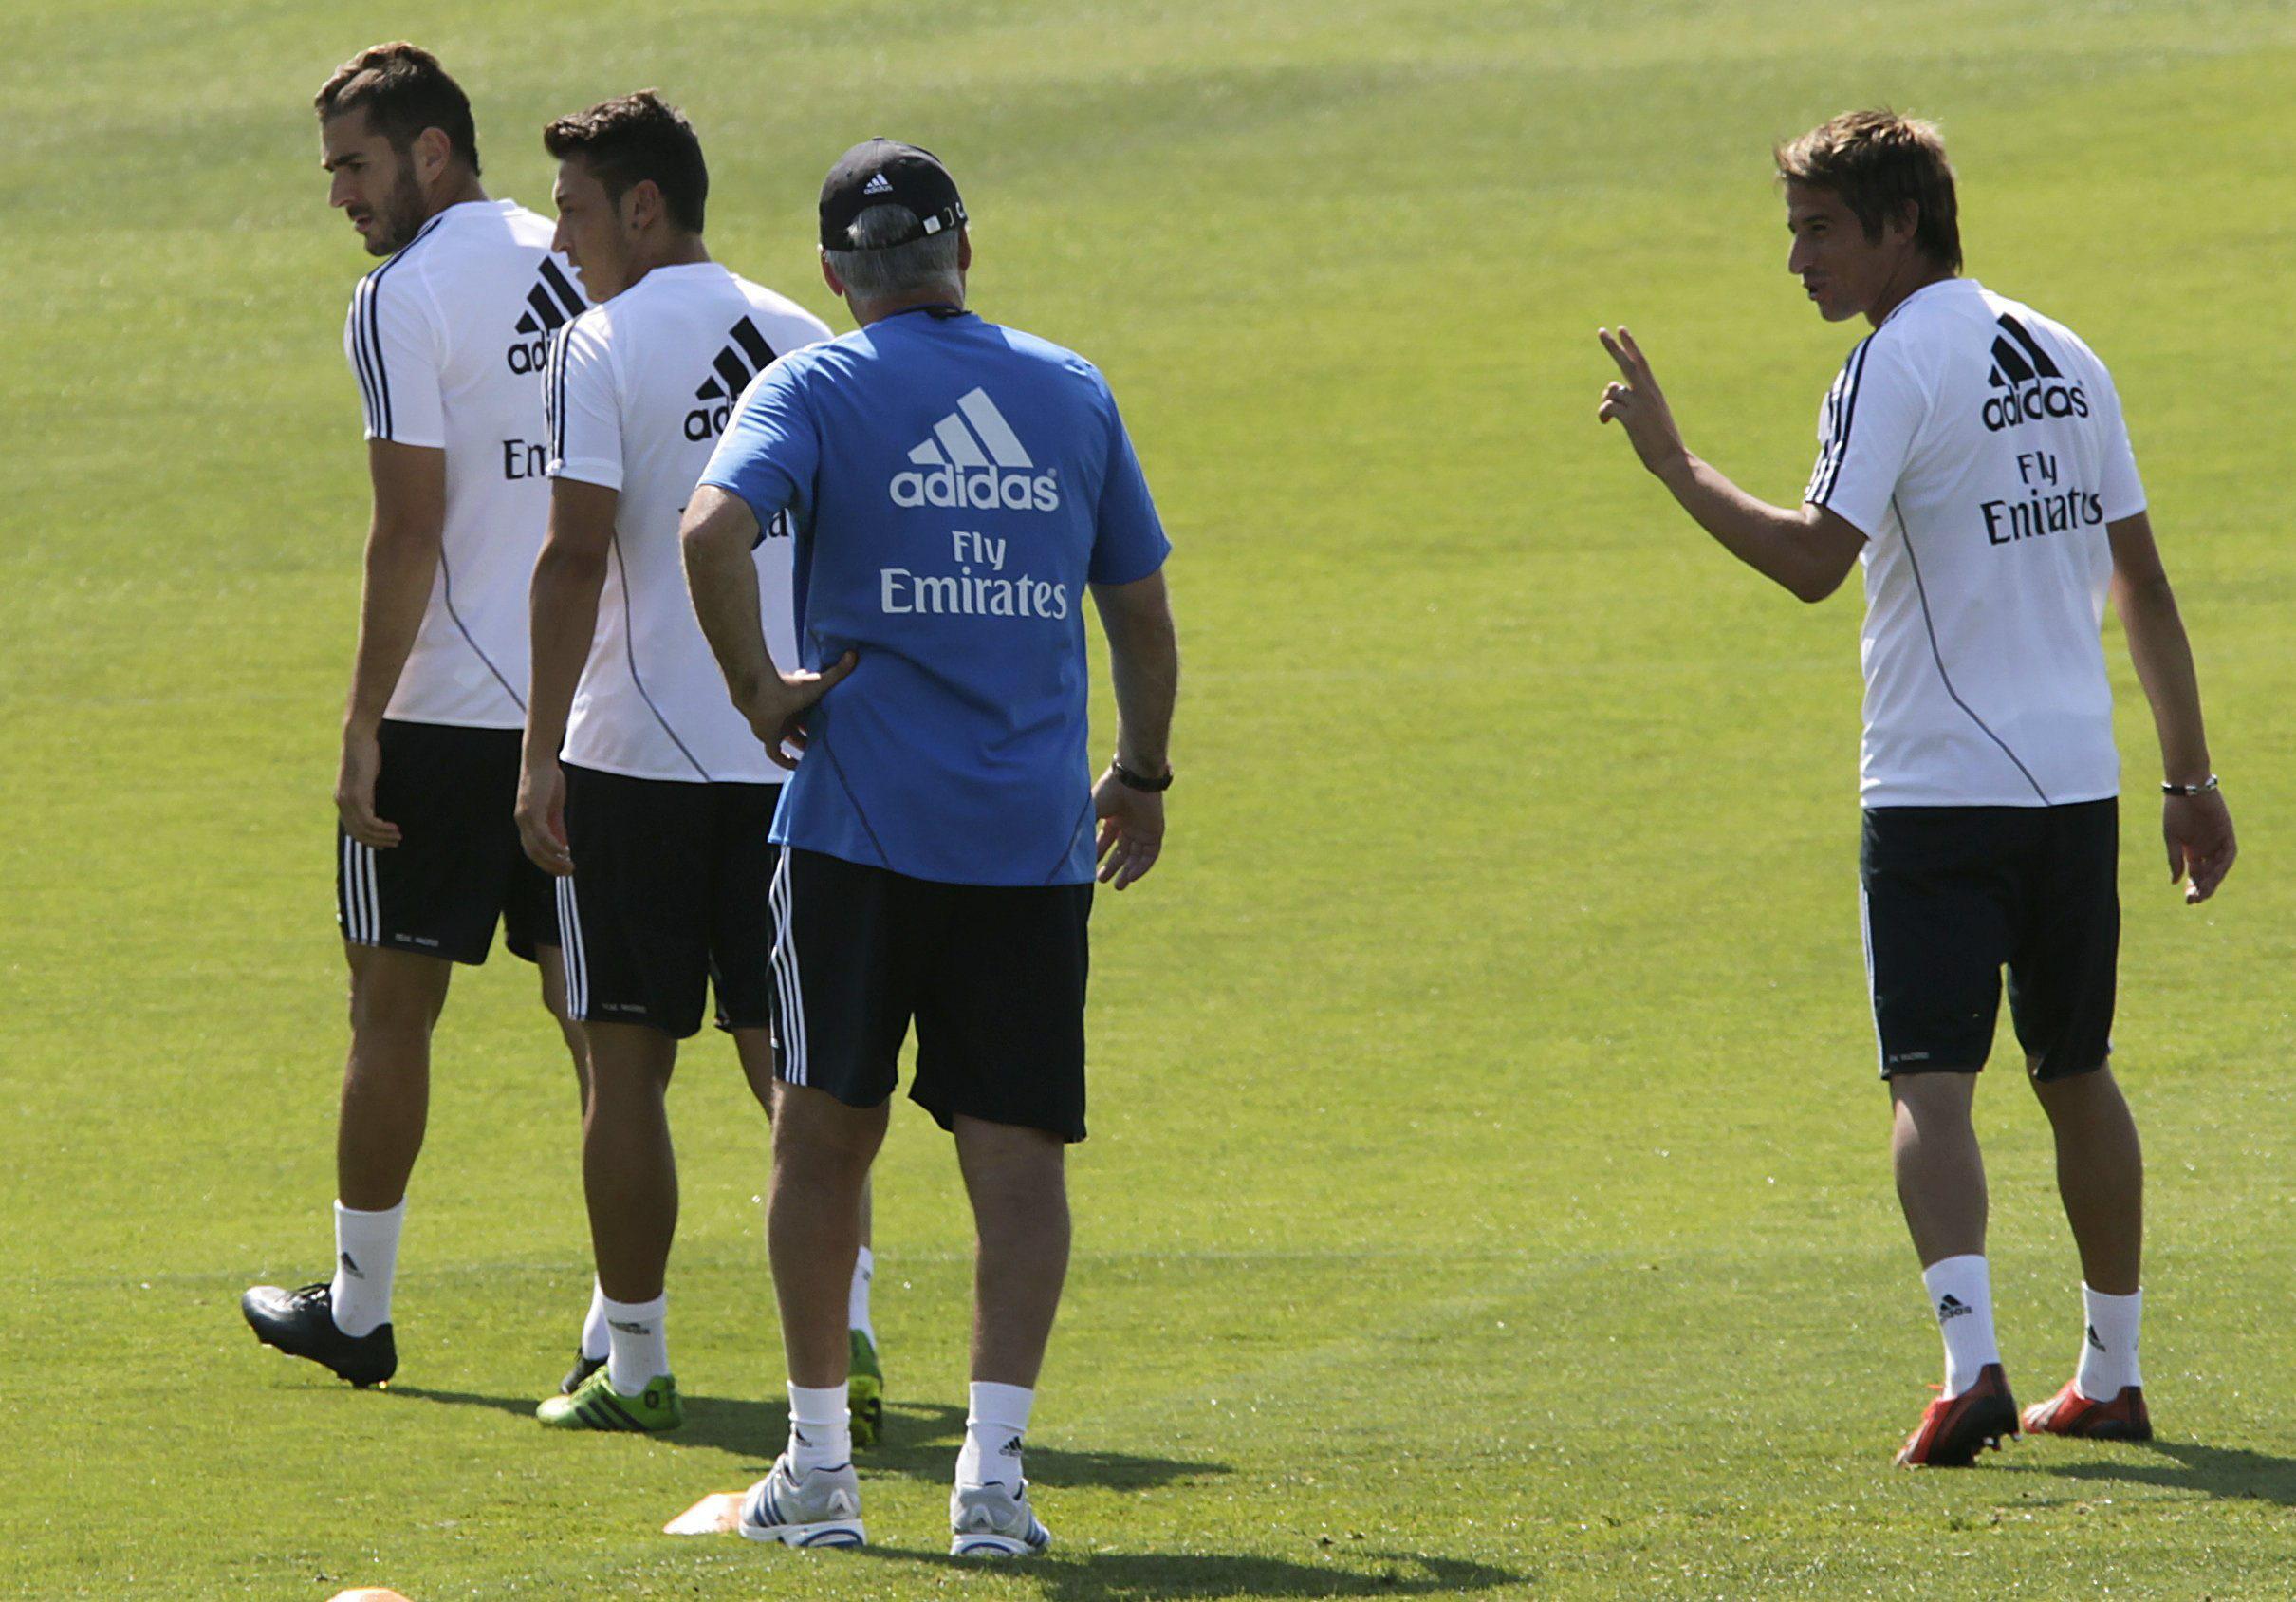 Coentrao con un pie fuera, Di María tiene ofertas y Özil quiere quedarse